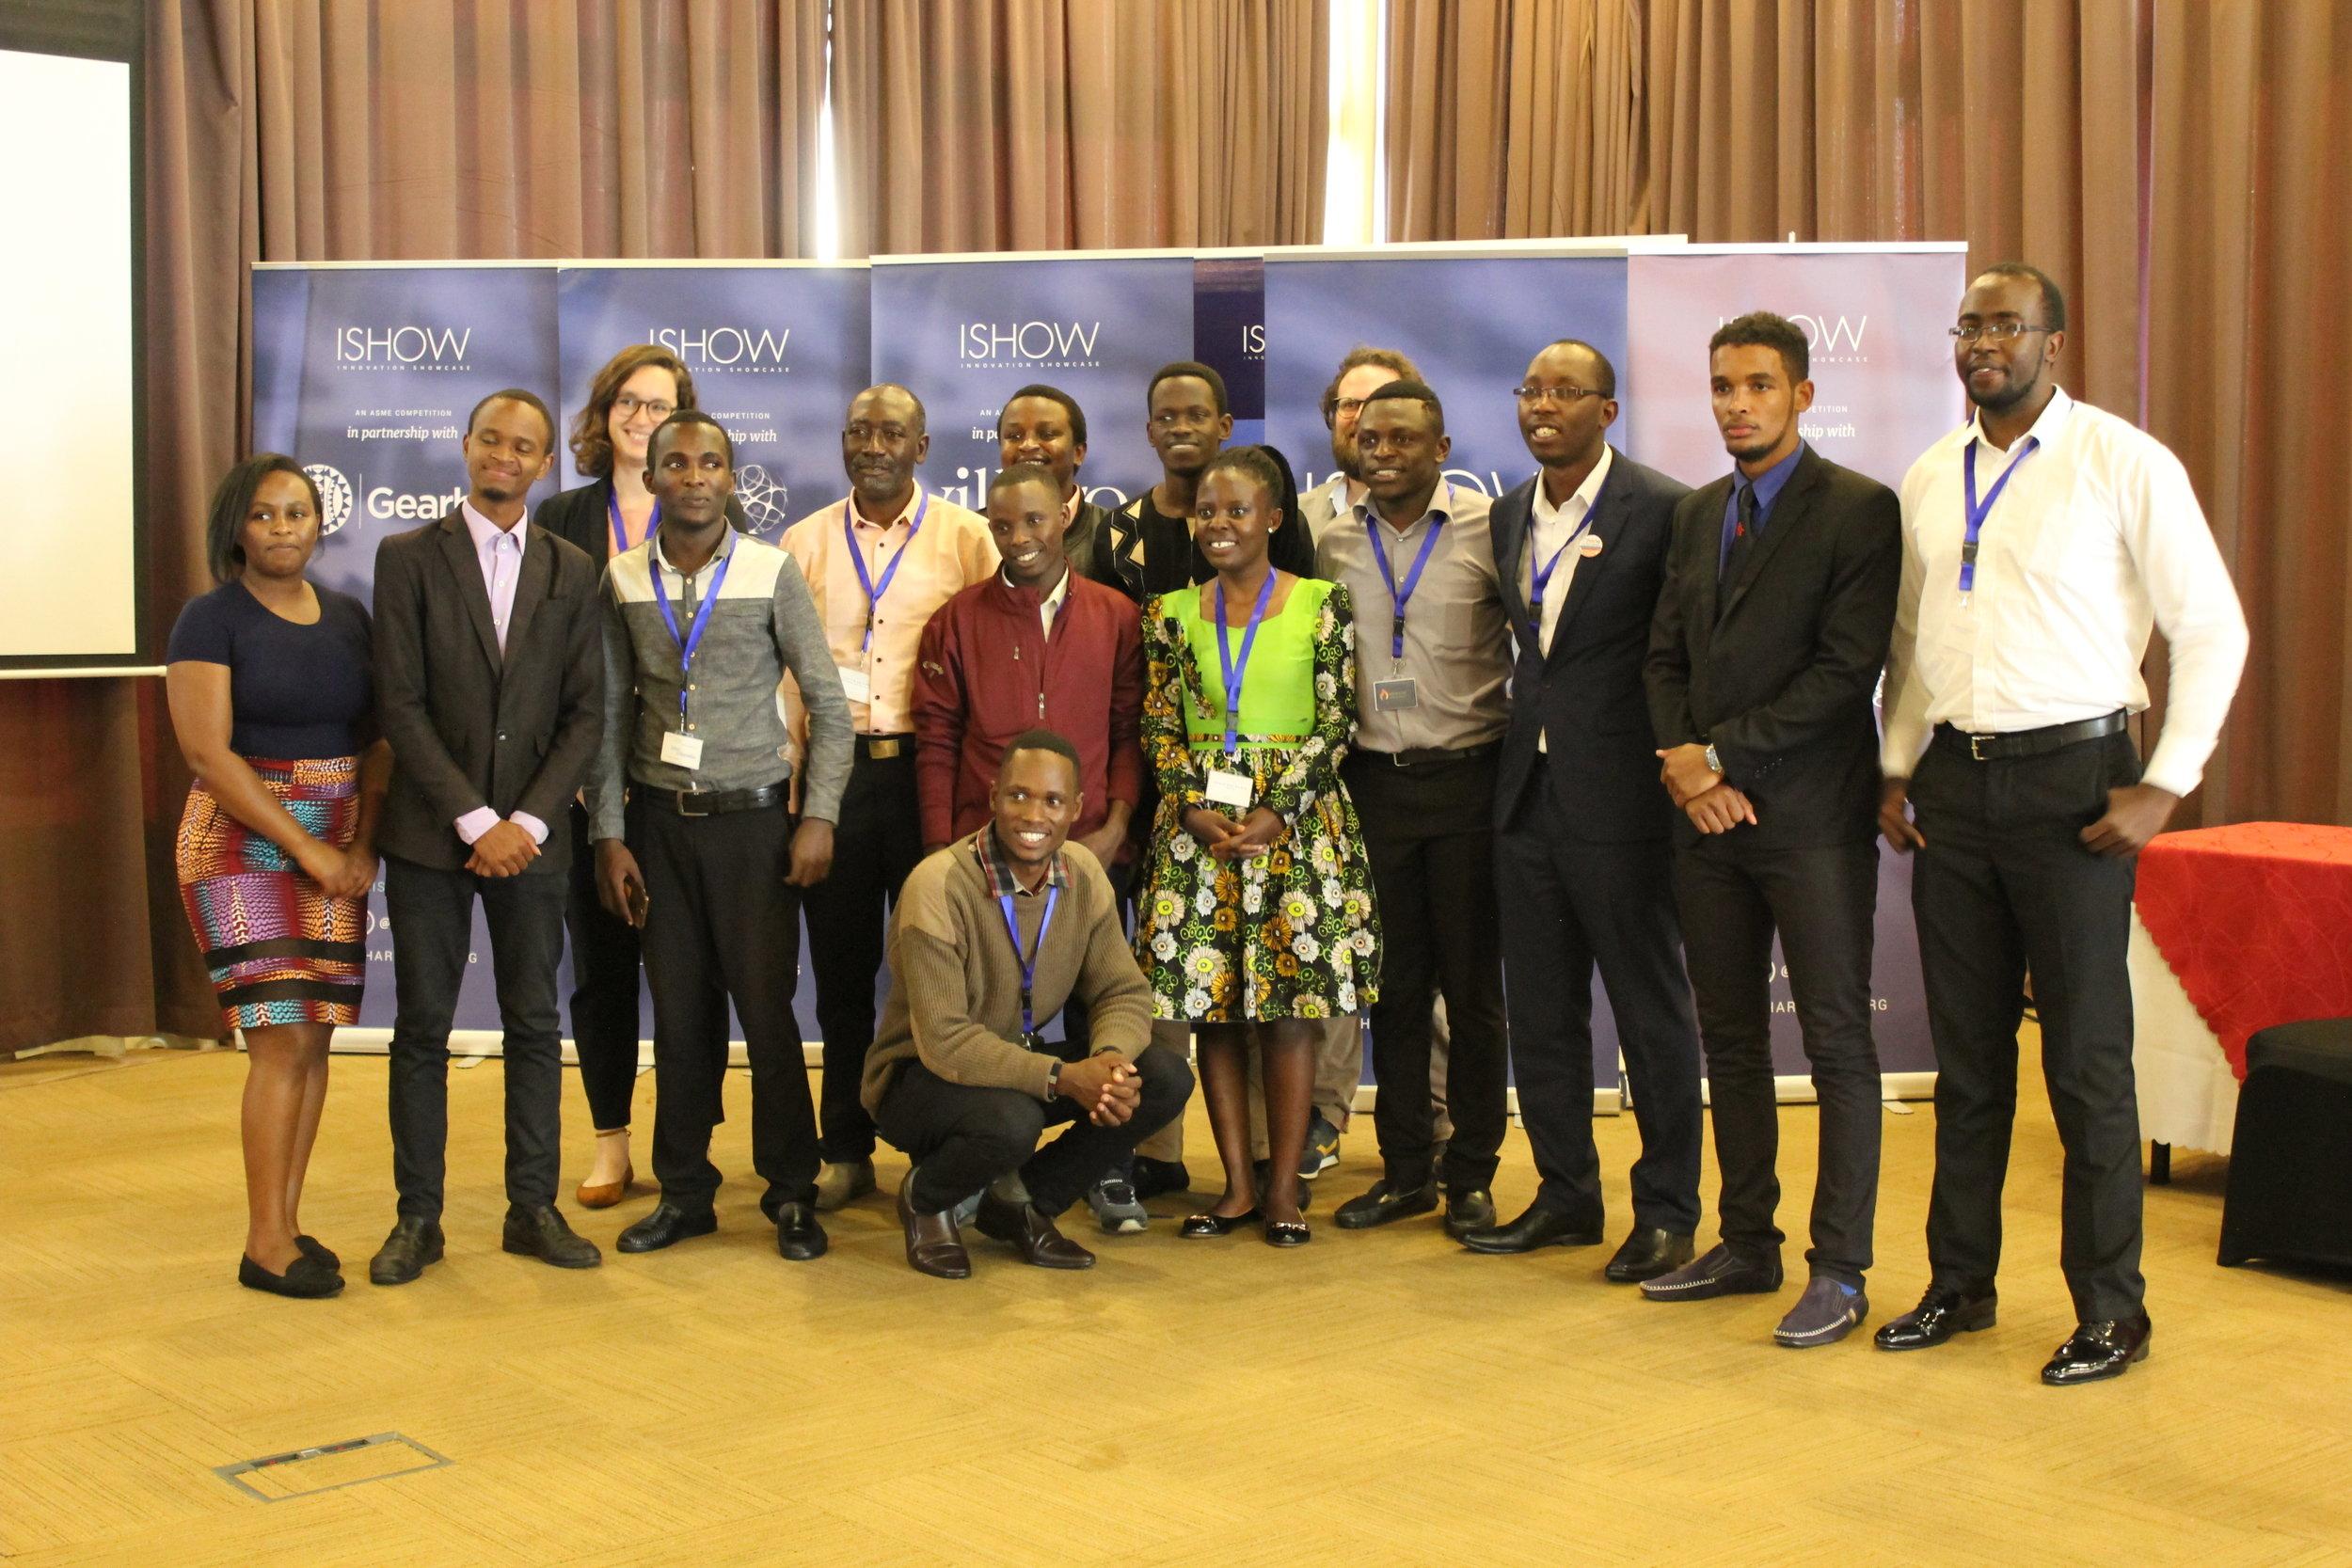 ISHOW 2018 finalists in Nairobi